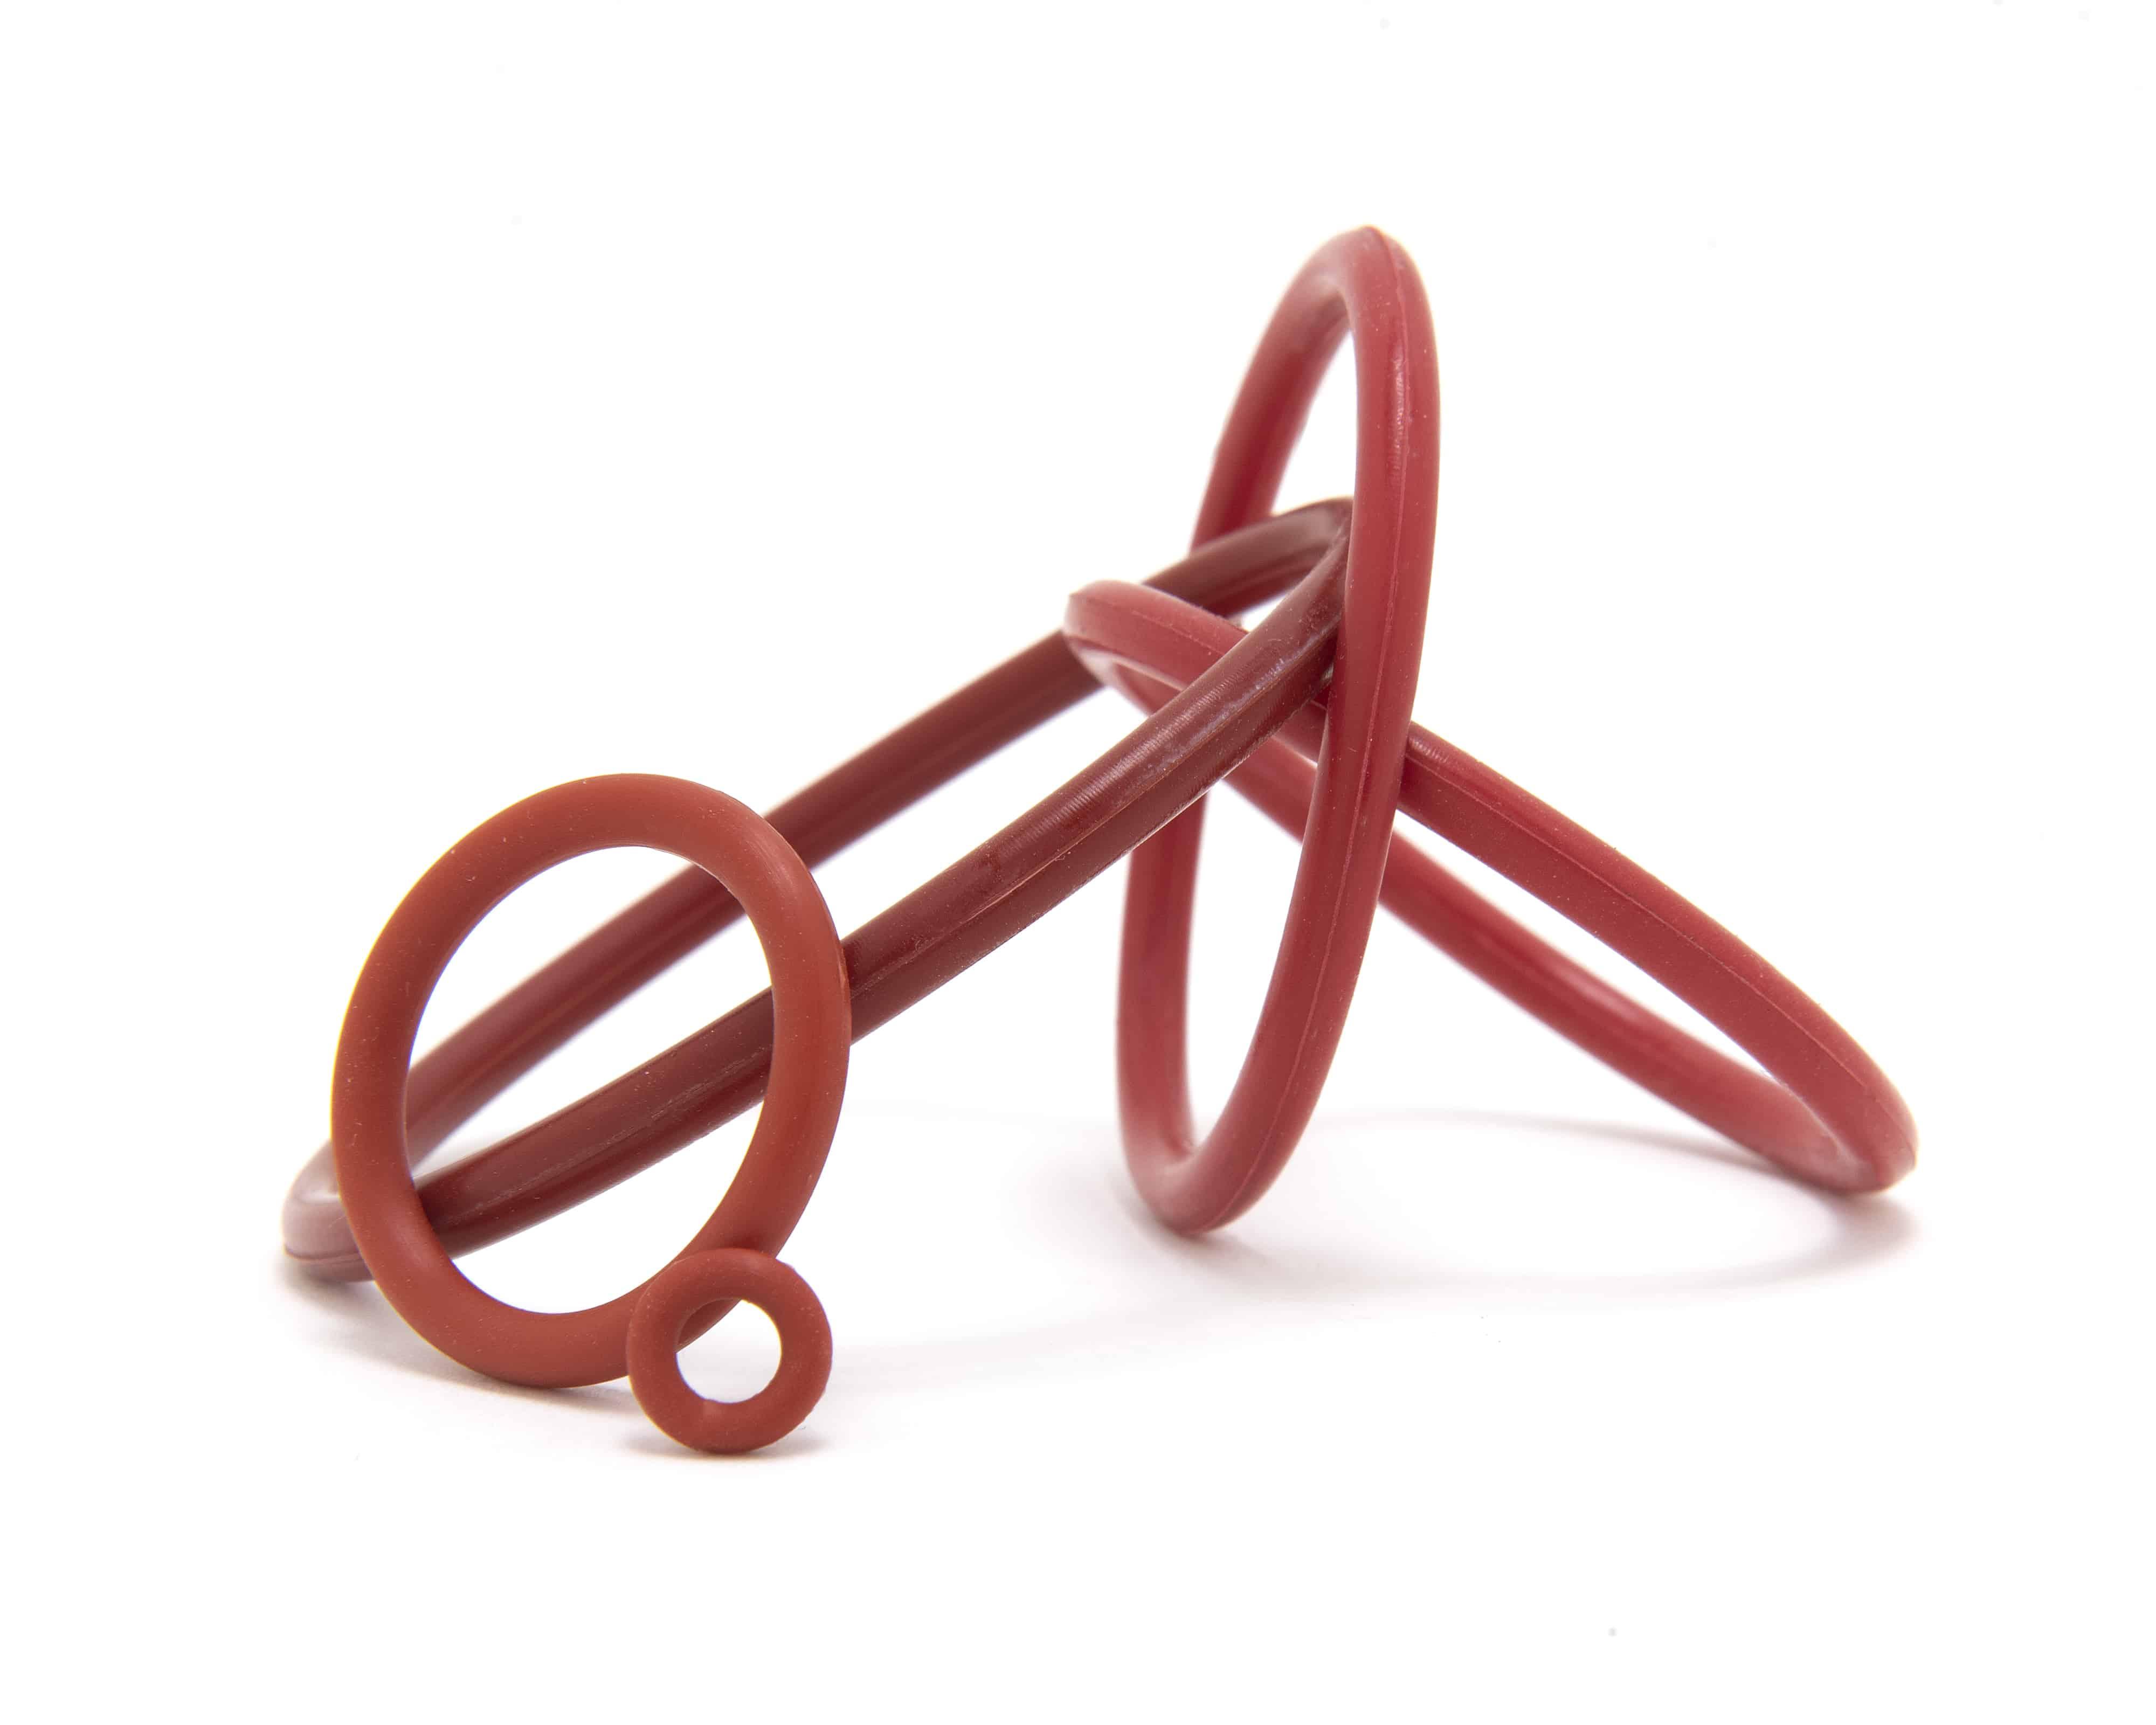 O型環組- 共六個O型環(PRO專用)